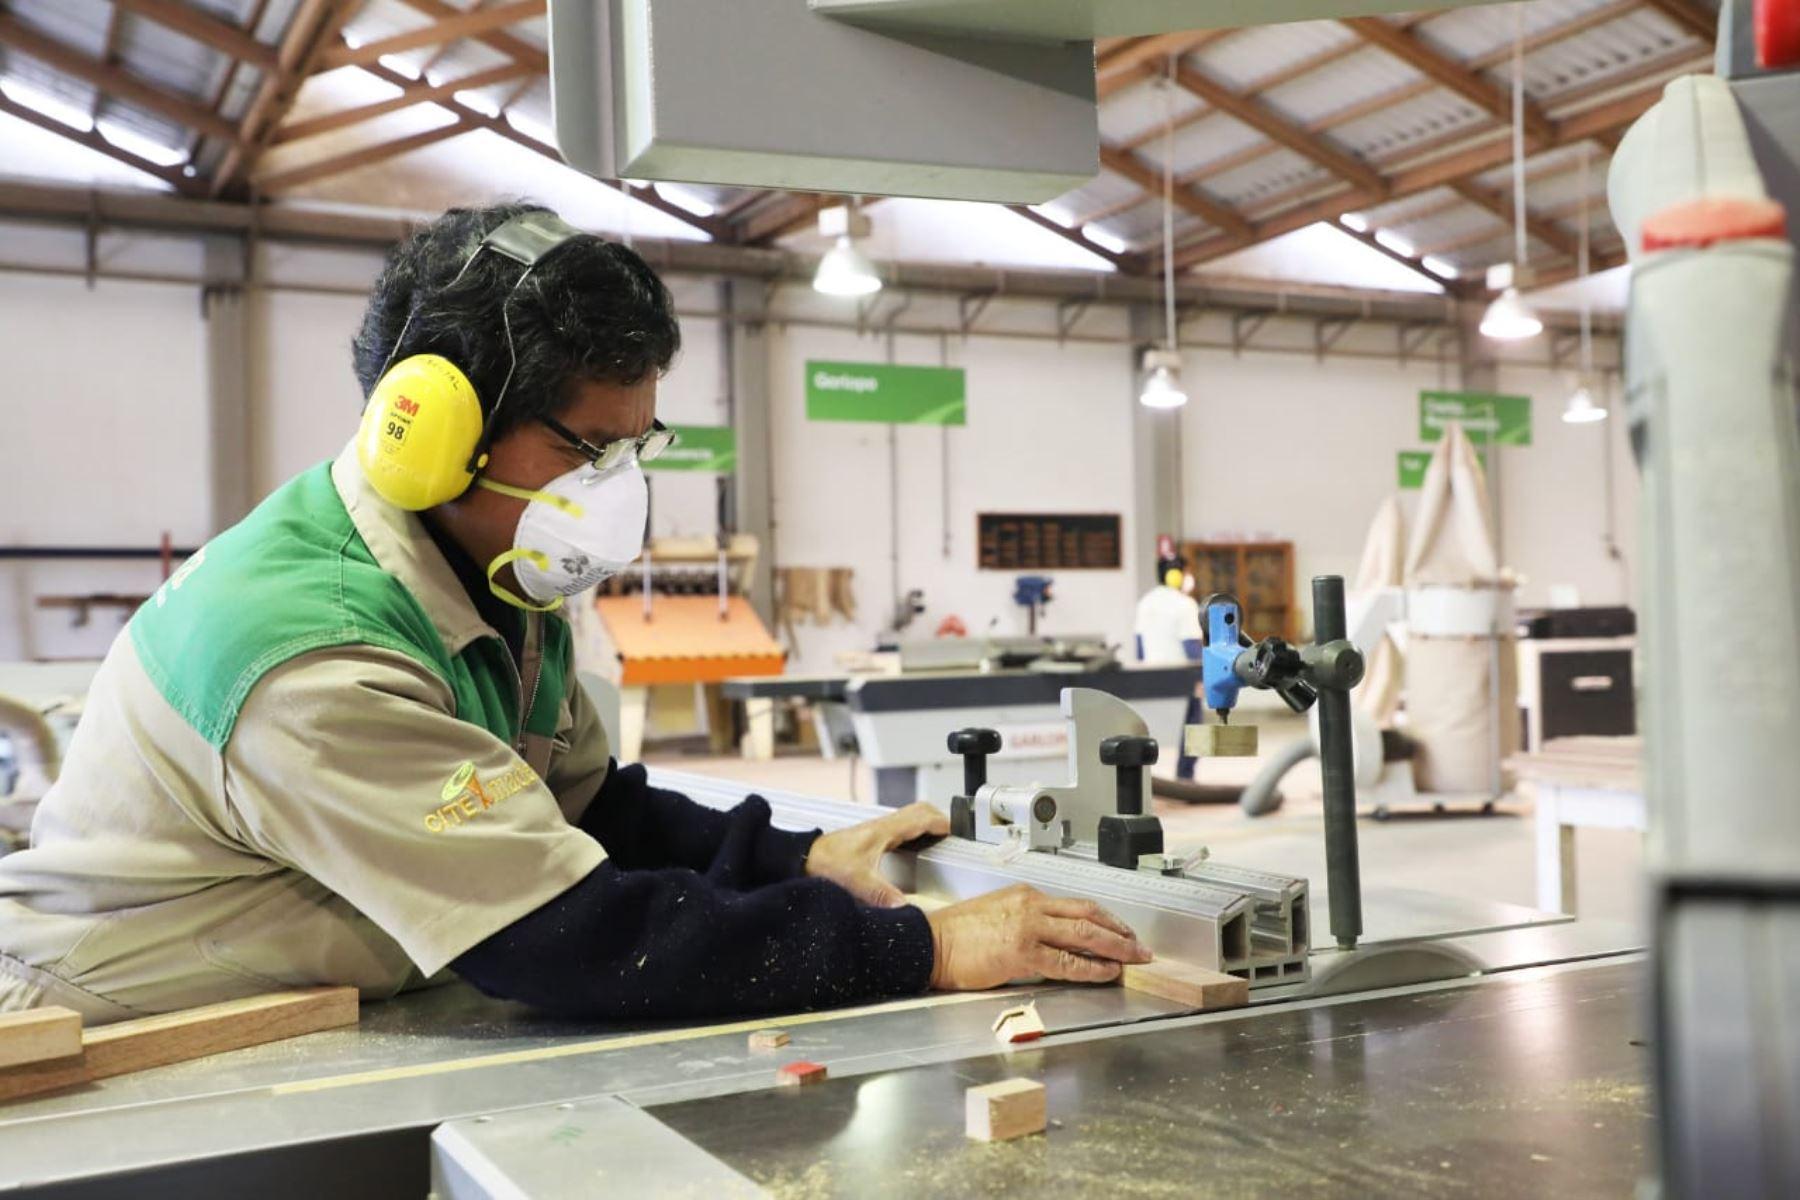 Empleos Perú ofrece Bolsa de Trabajo, capacitación y Certificado Laboral gratuito